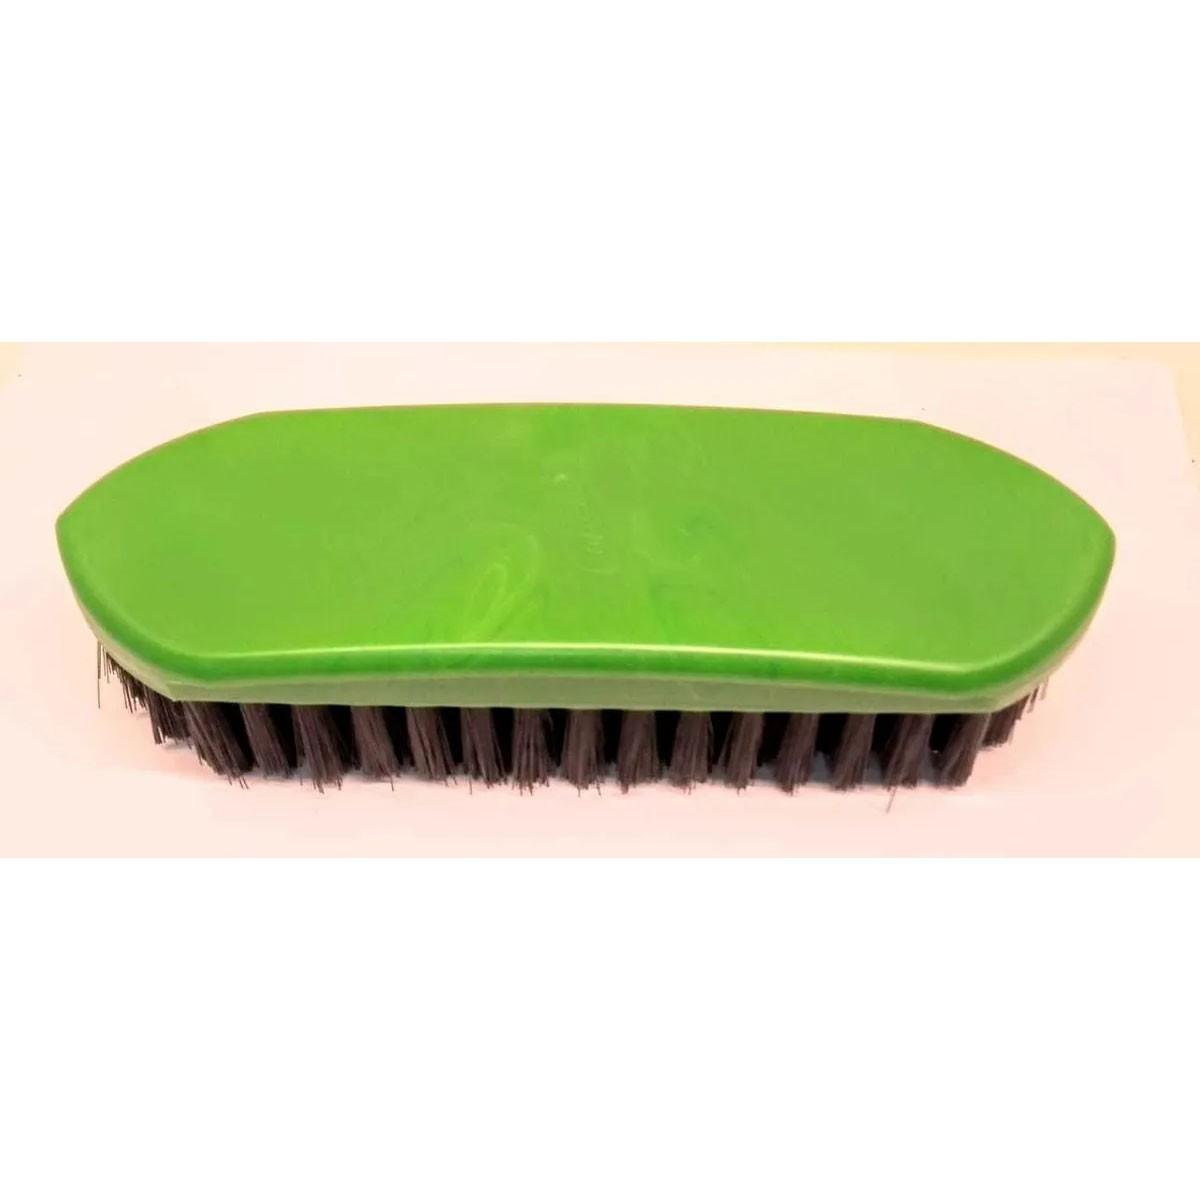 Escovas Profissionais para Limpeza de Estofados - Super Macia